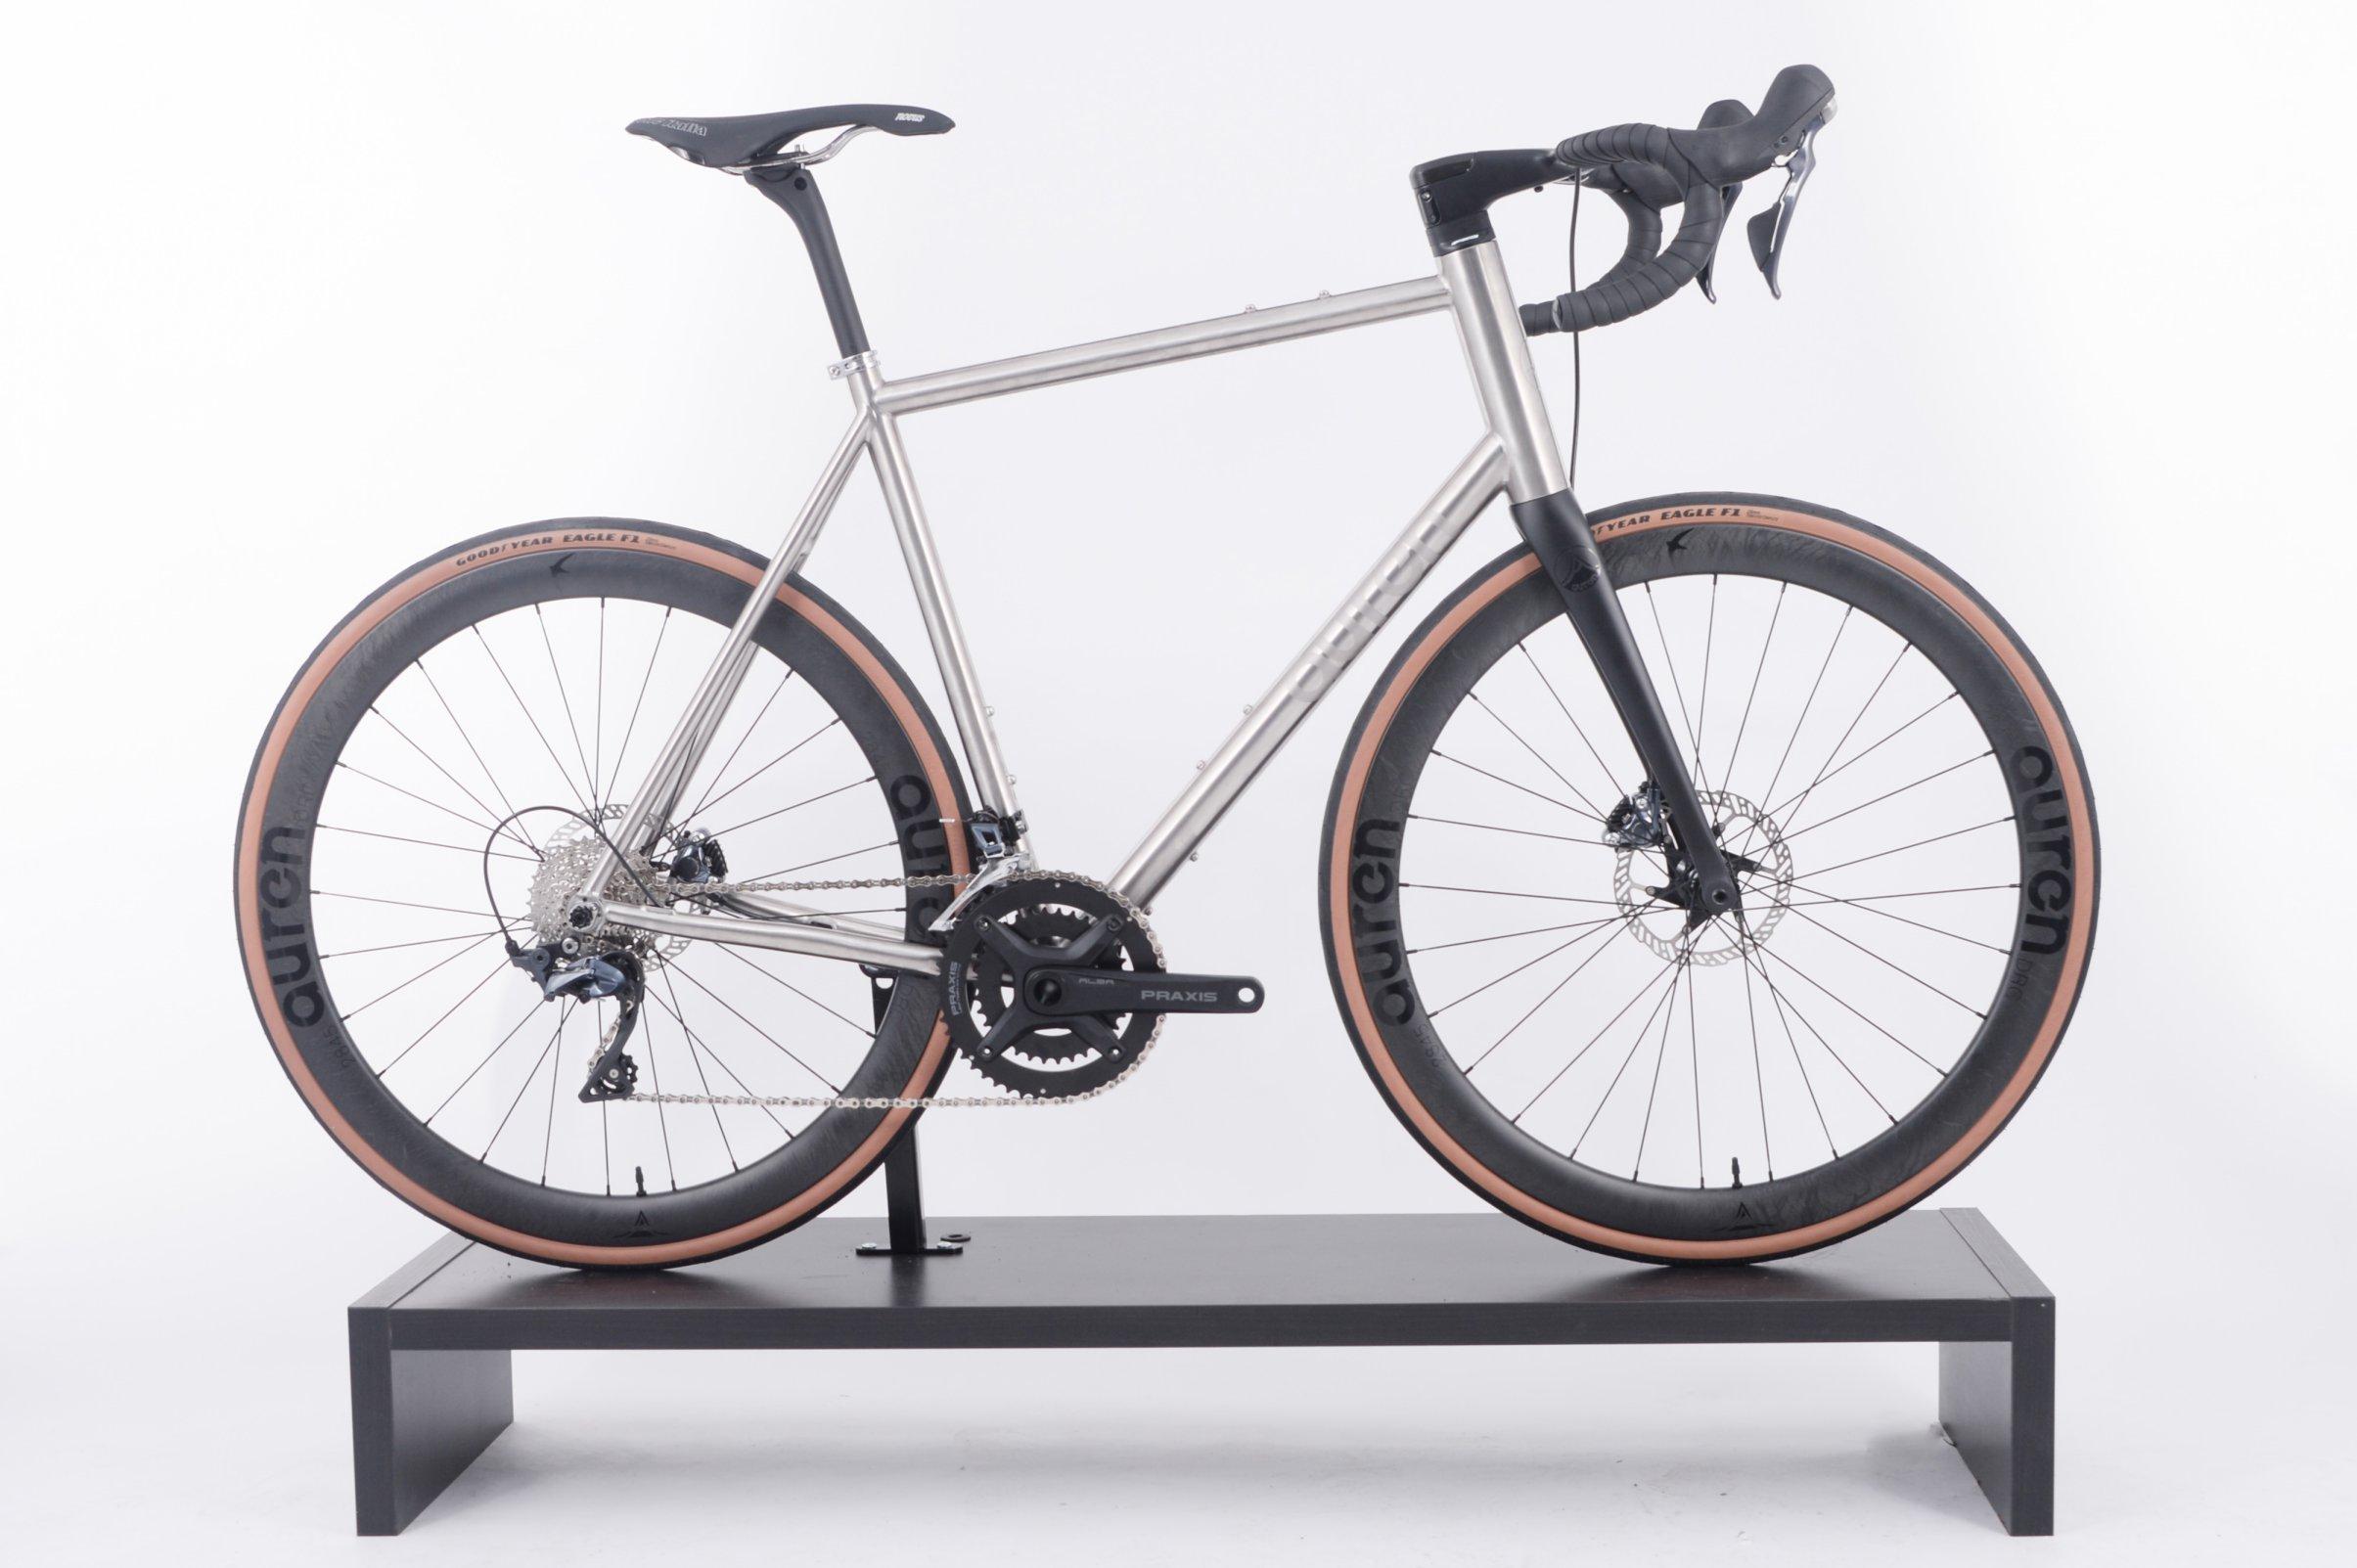 FYXO-6368 AUREN Swift Disc Road Titanium Bike